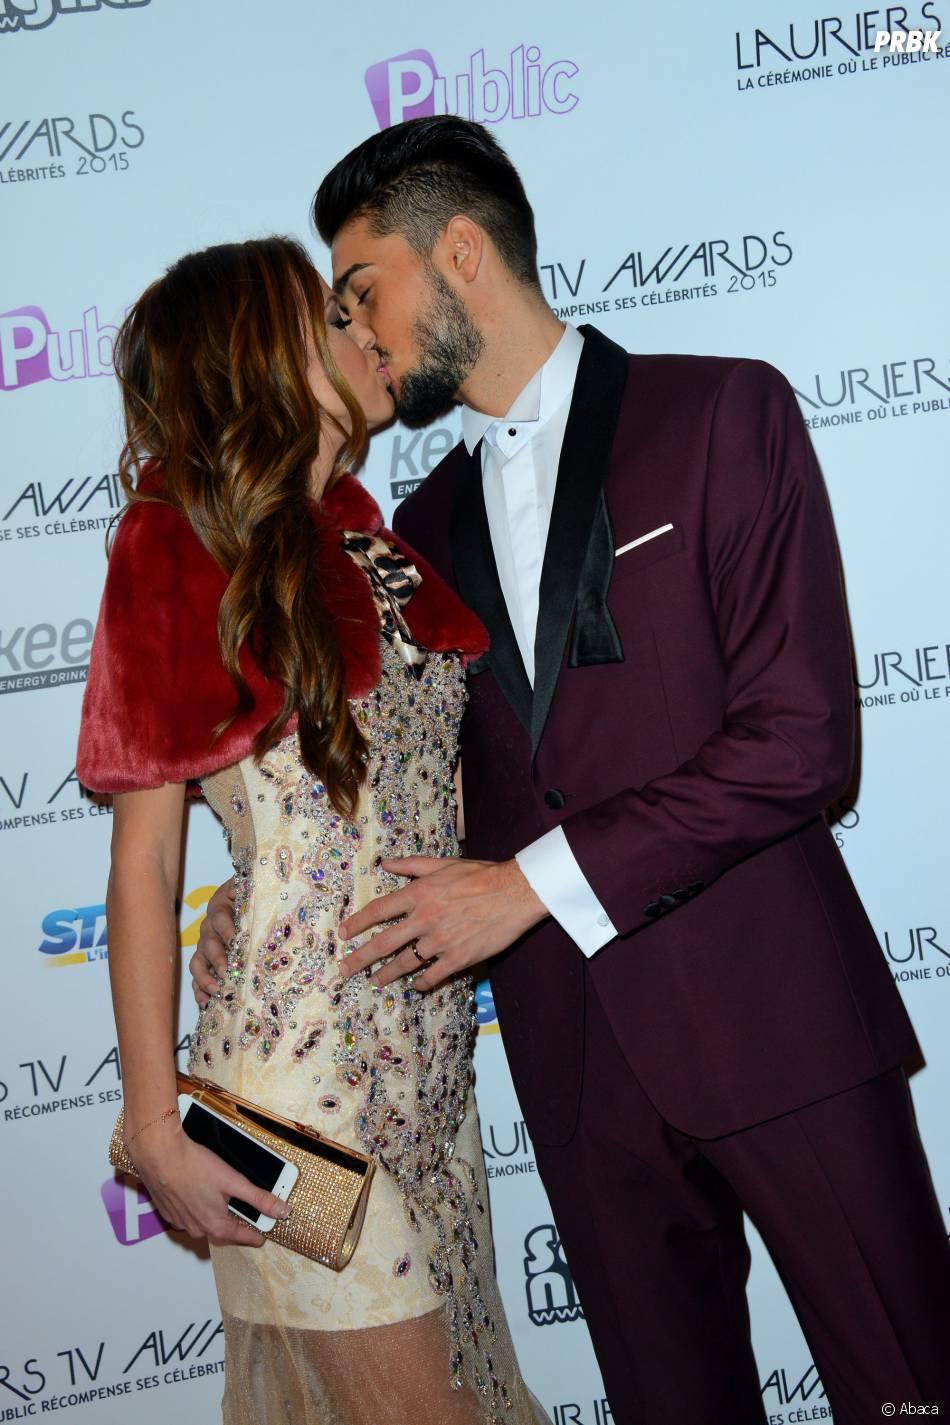 Julien Guirado et Vanessa Lawrens sur le tapis-rouge de la cérémonie des Lauriers TV Awards le 6 janvier 2015 à Paris